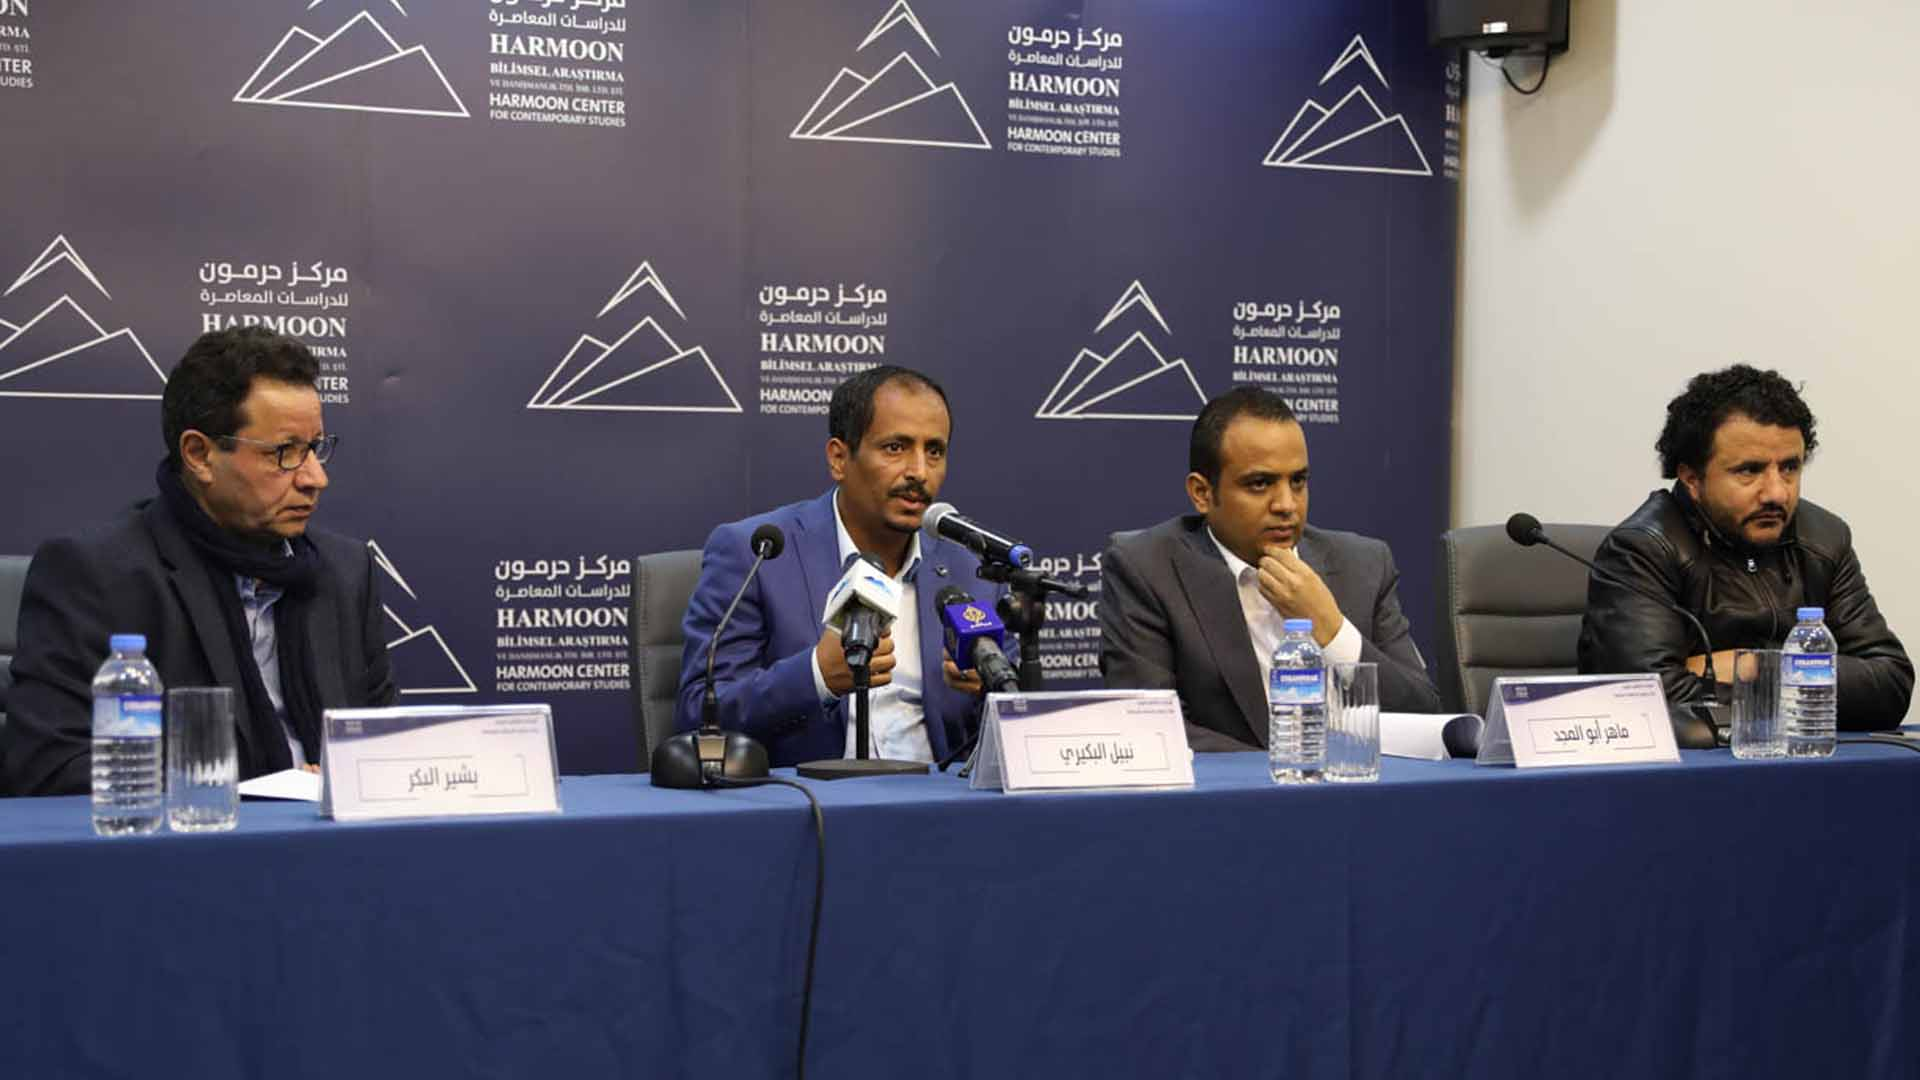 """باحثون يمنيون يناقشون مسارات الثورة اليمنية في ندوة حوارية لـ """"حرمون"""" في إسطنبول"""